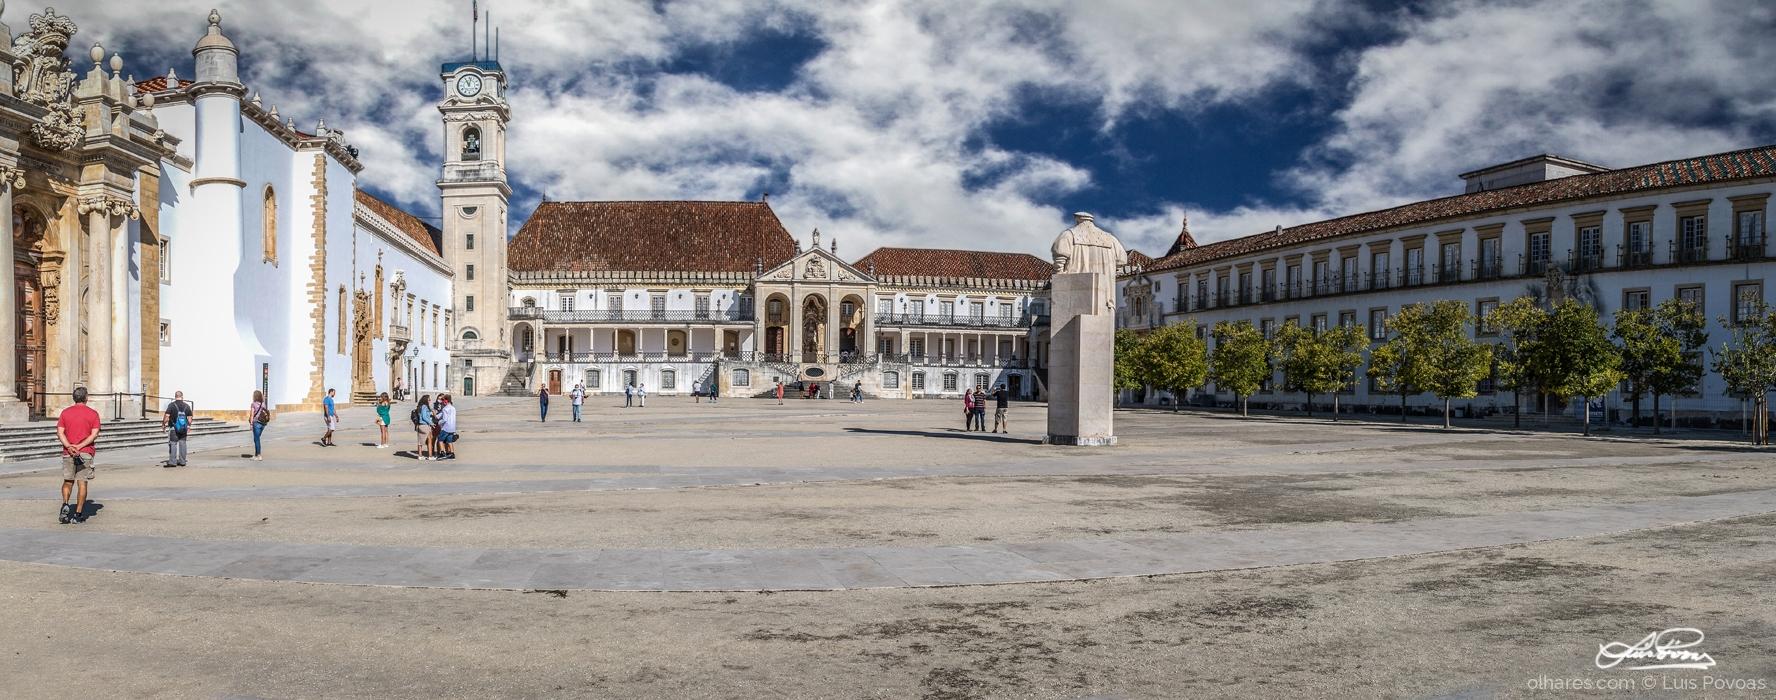 Fotografia de Rua/Coimbra